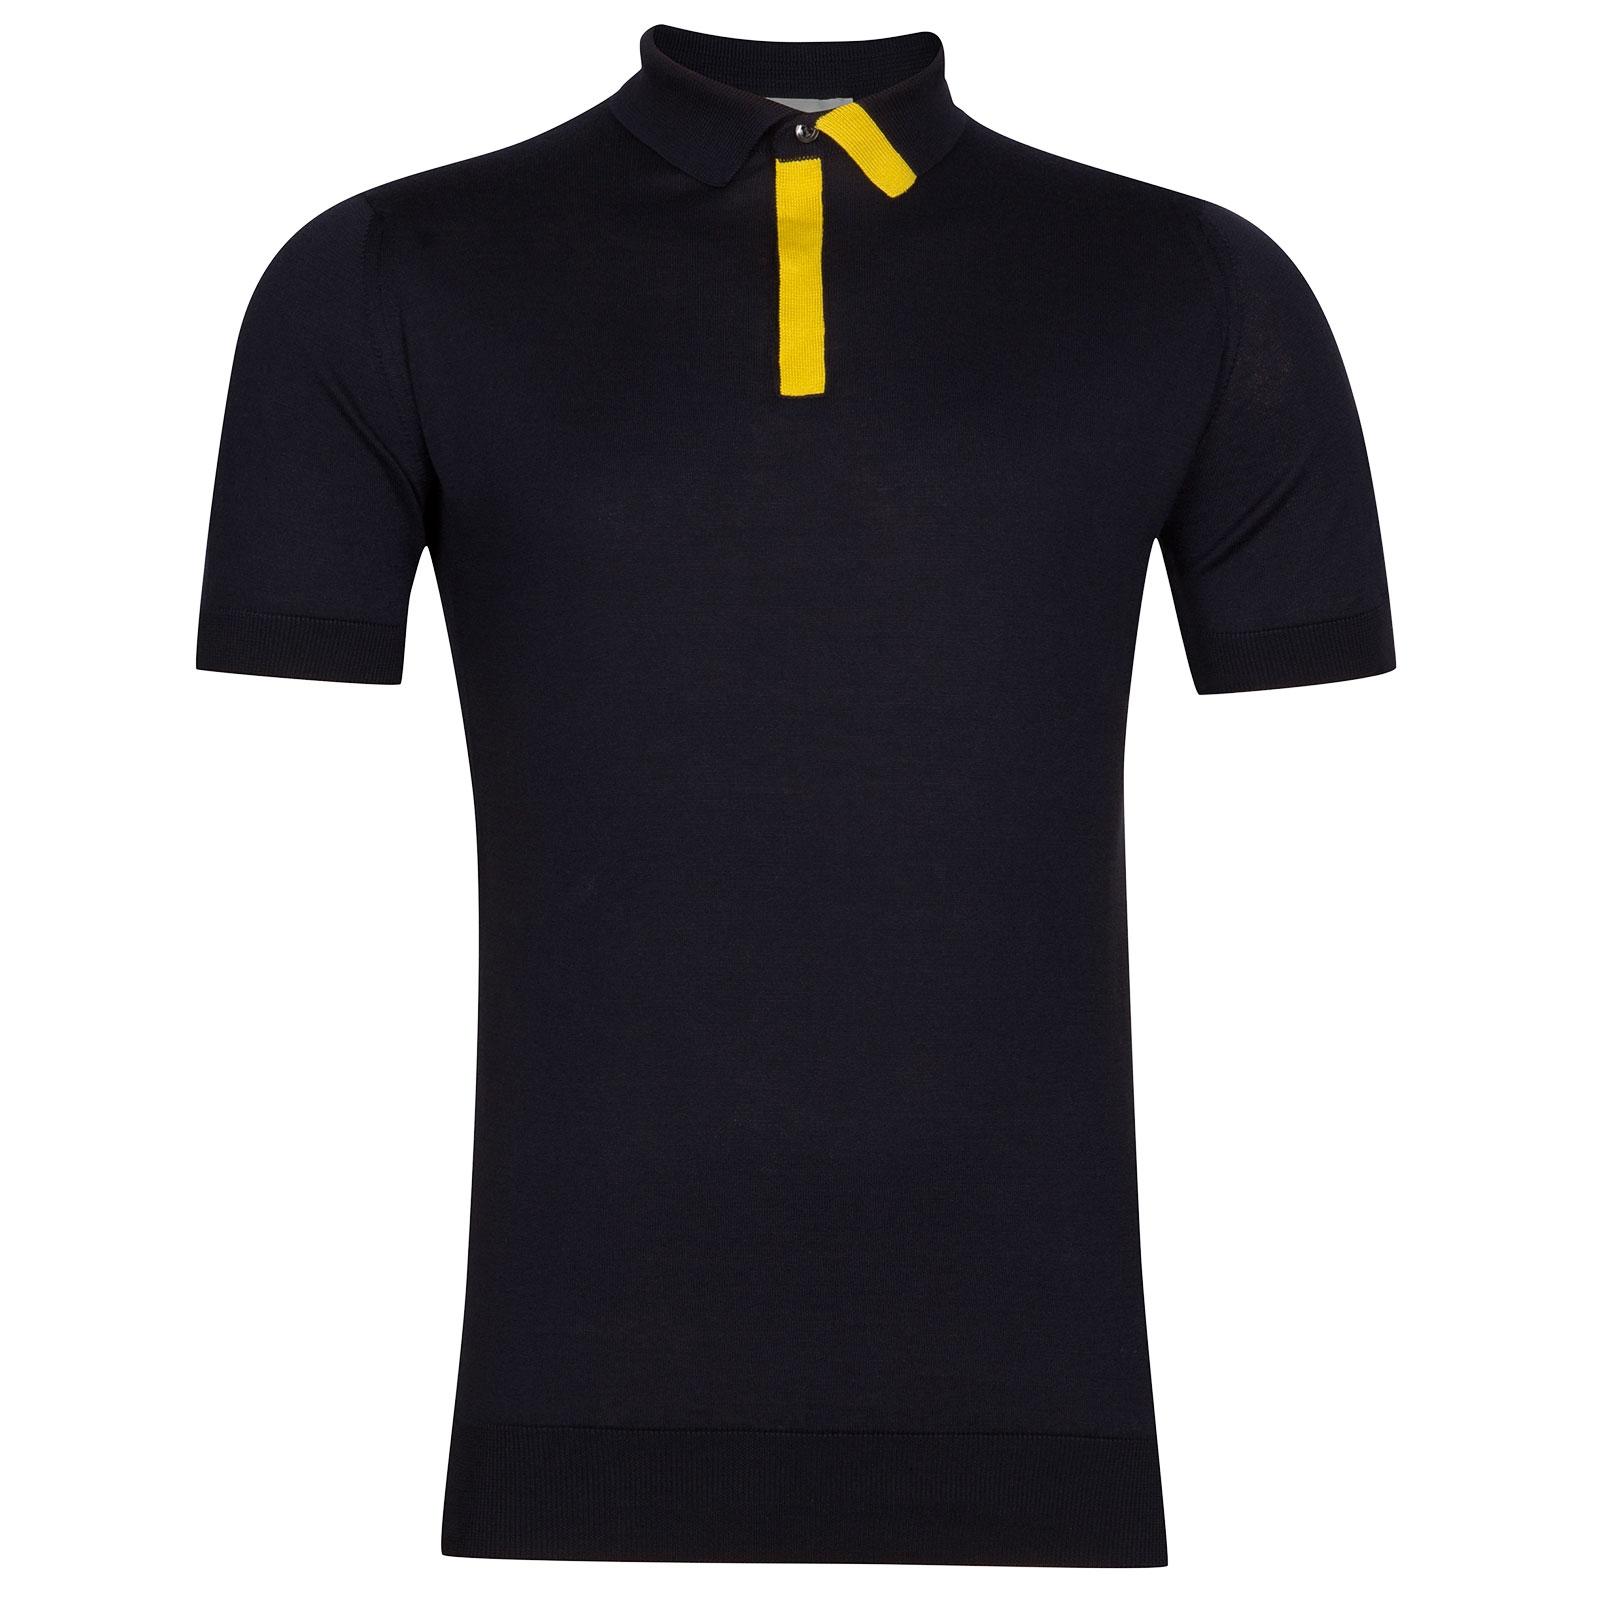 John Smedley Duxford Sea Island Cotton Polo Shirt in Navy-XXL